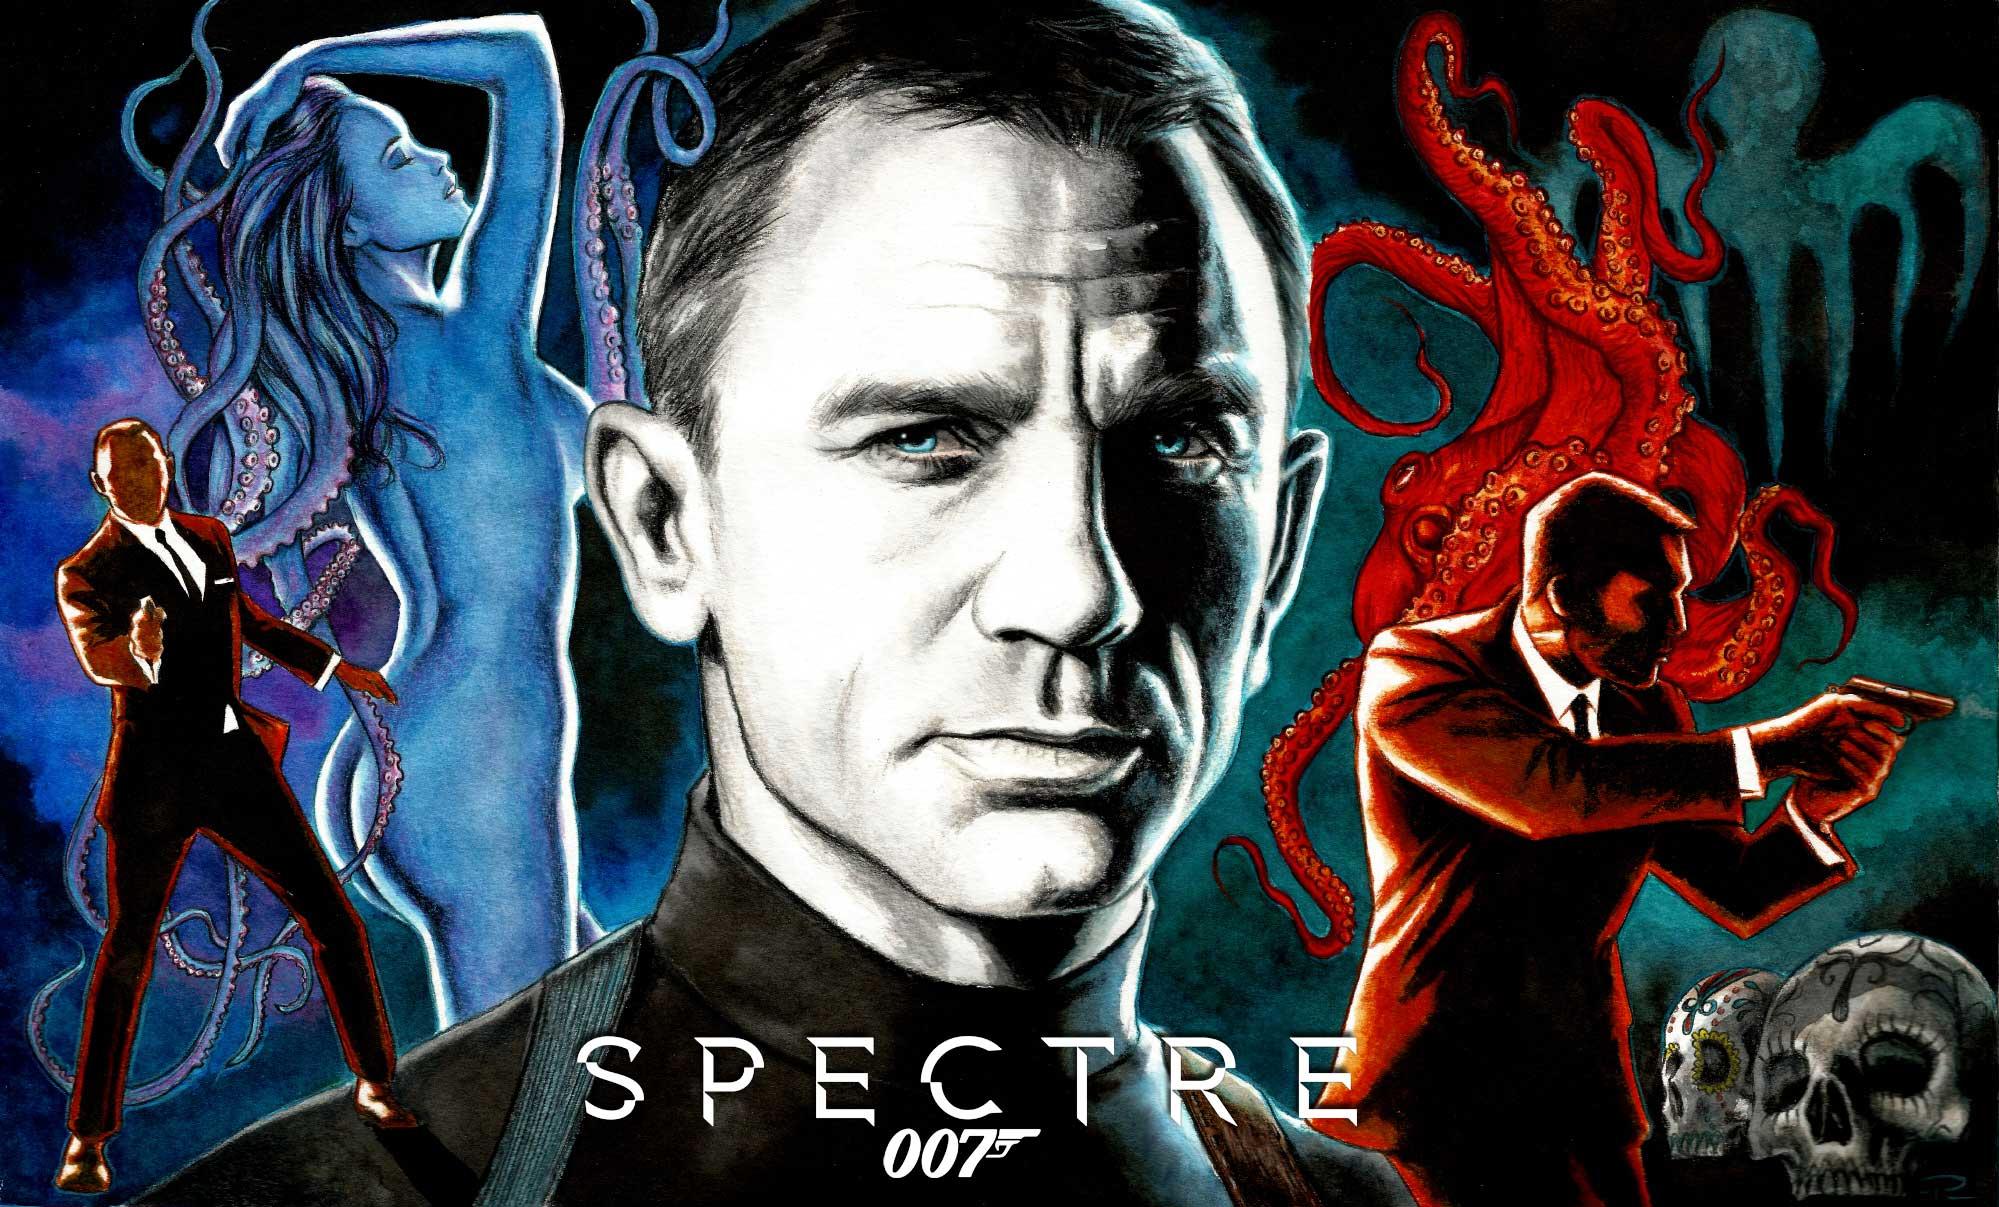 spectre fan art work James Bond illustrations